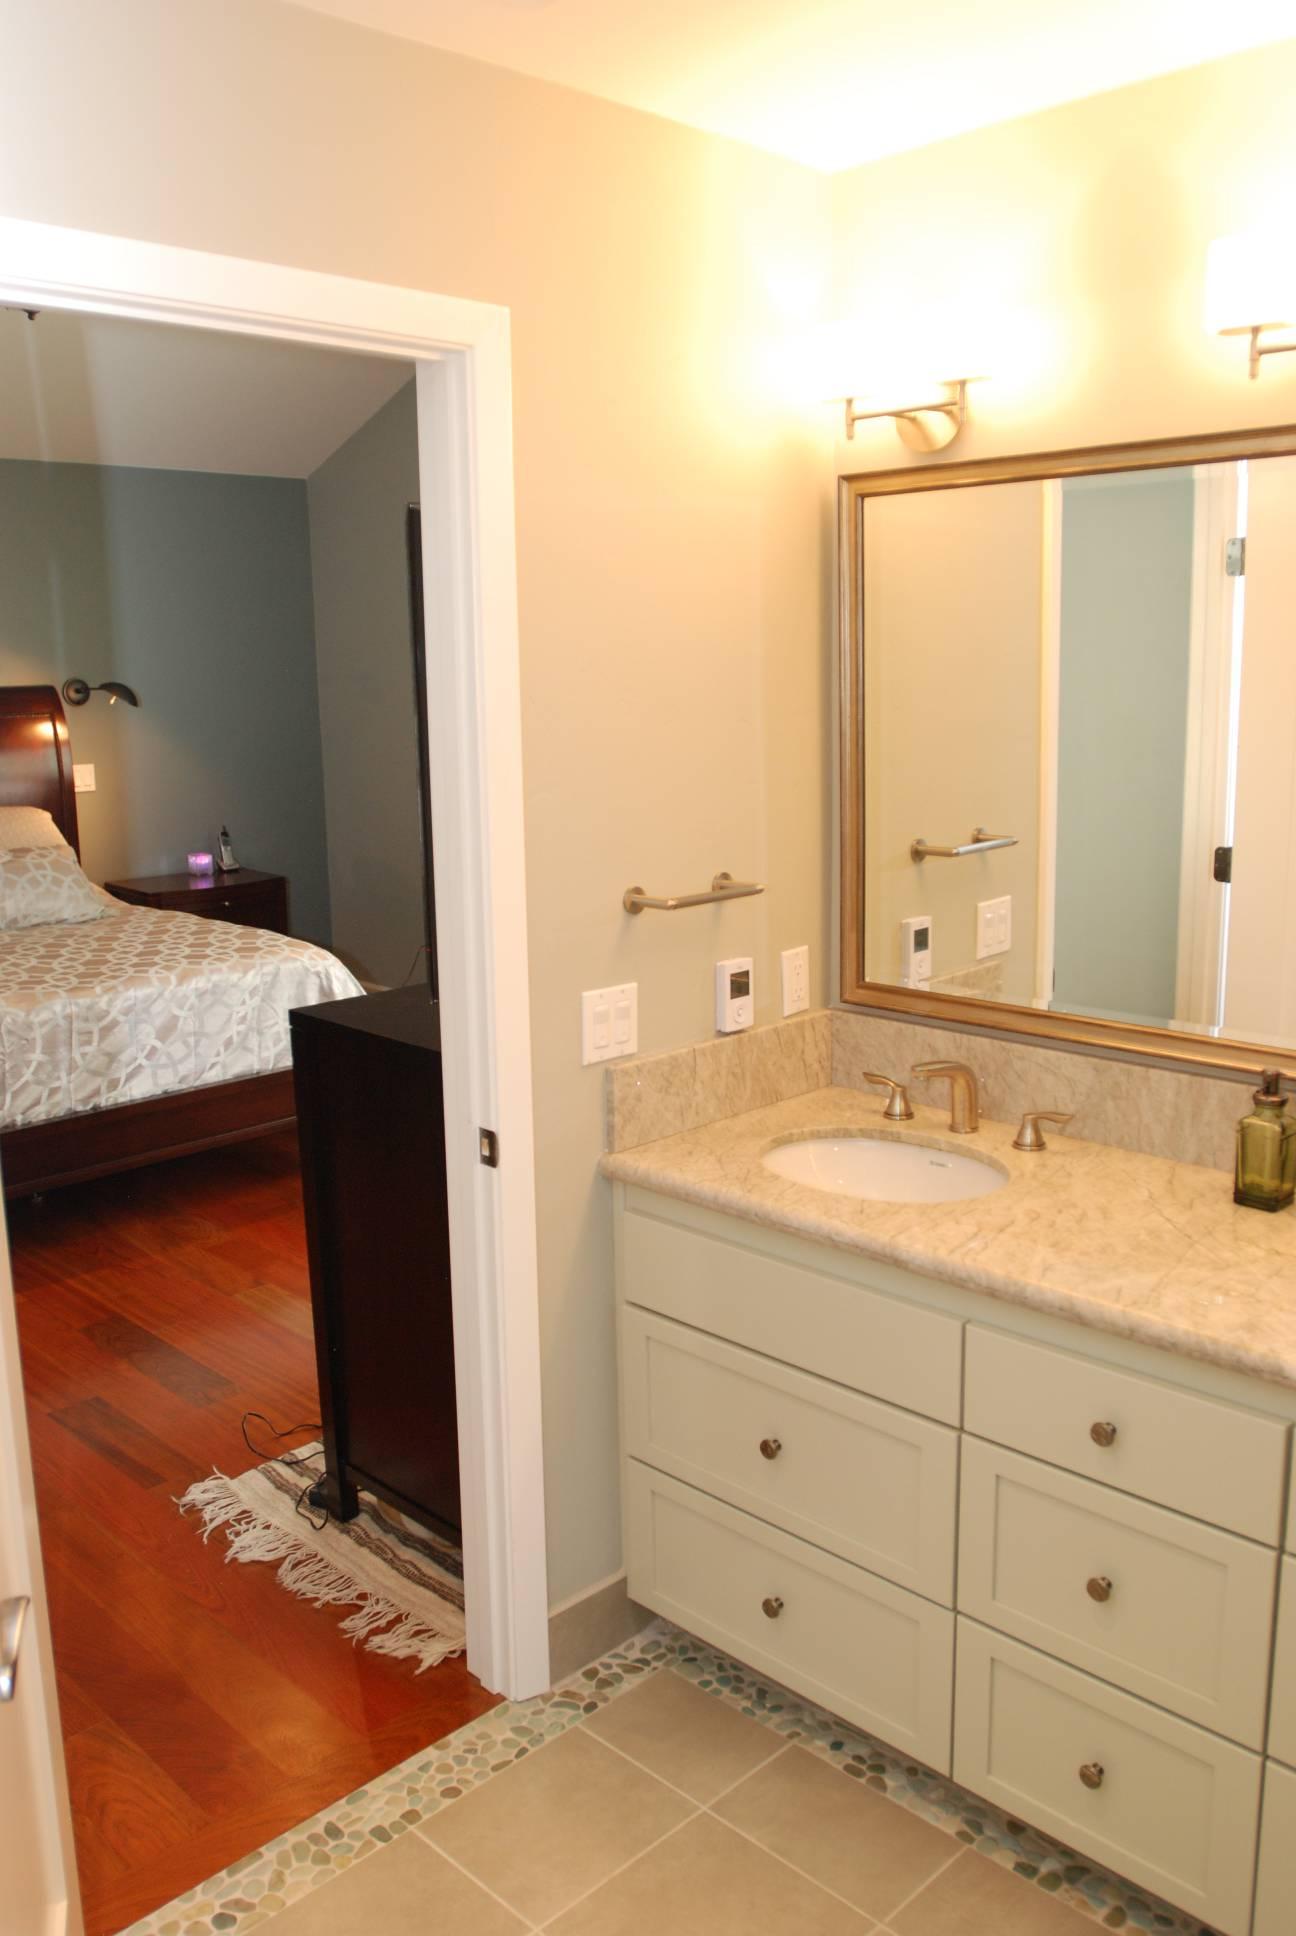 Bathroom traditional double sink, Los Altos Hills